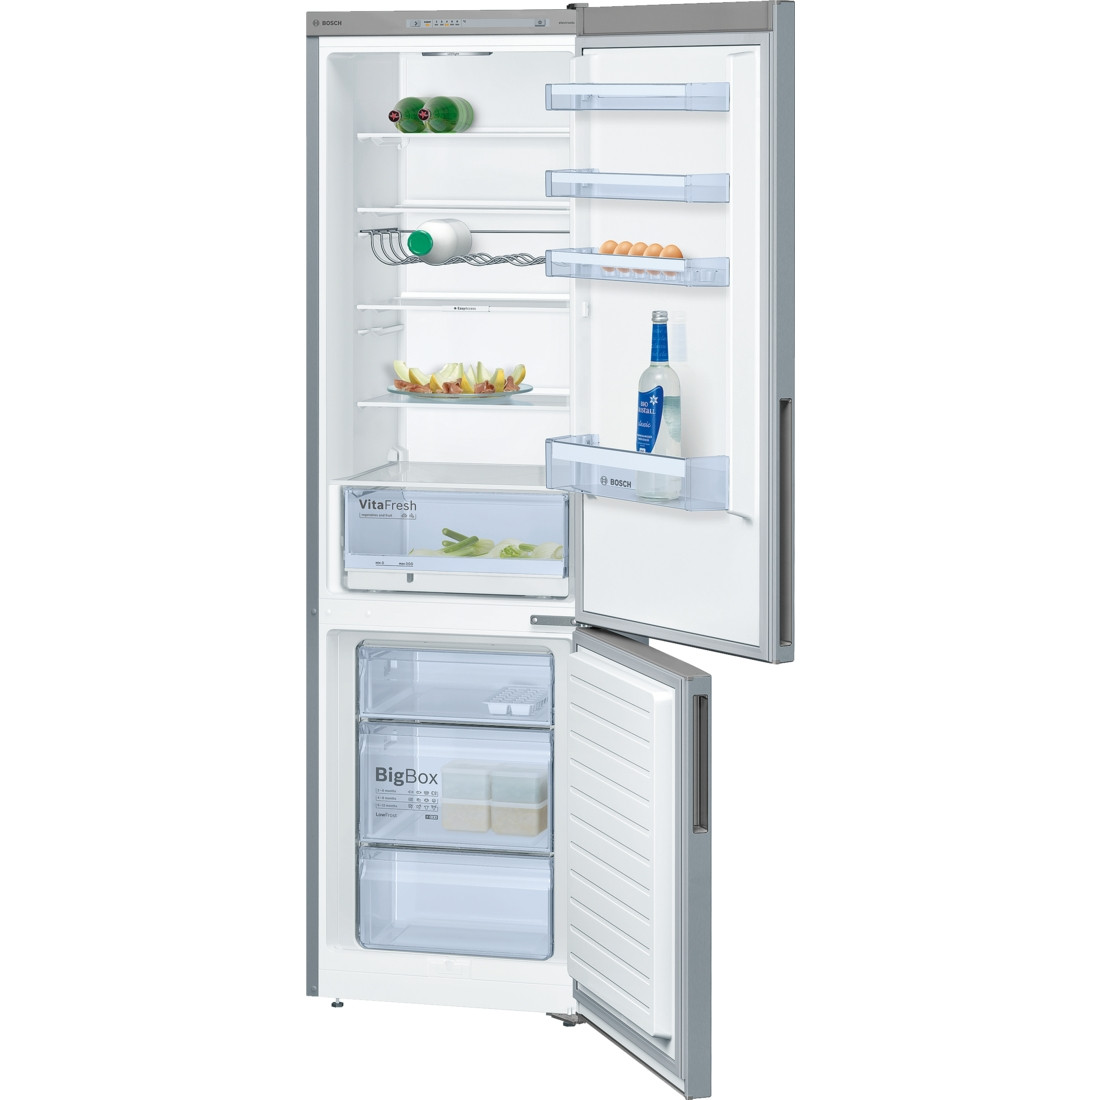 Bosch Serie 4 KGV39VLEAG Freestanding Stainless Steel Fridge Freezer